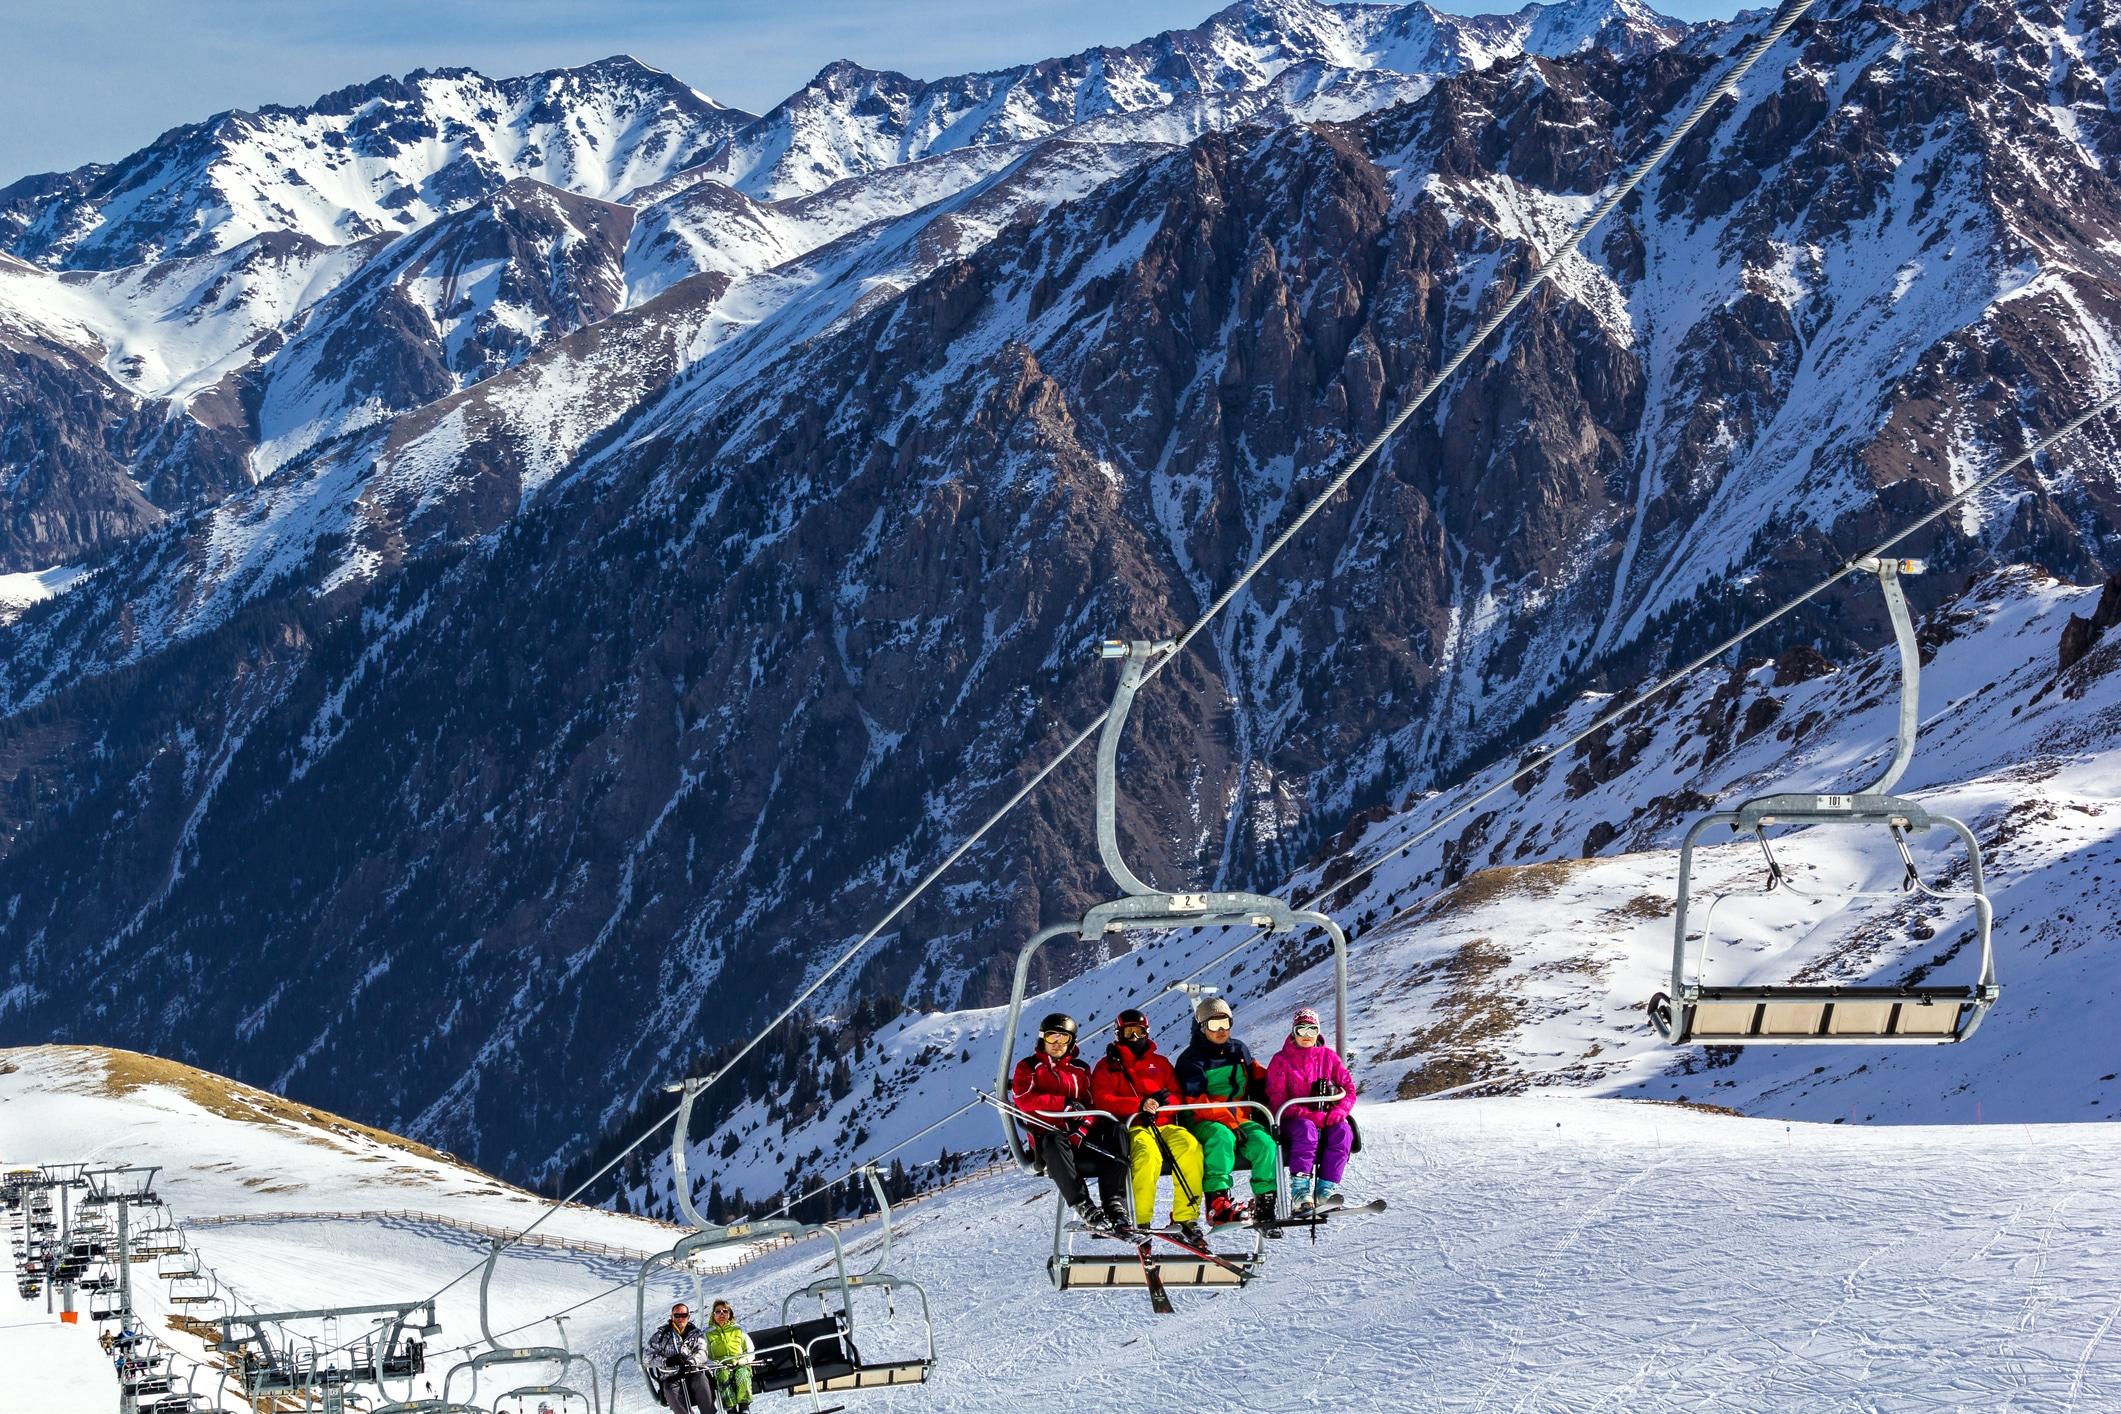 ski resorts in utah schedule 2017 season openings